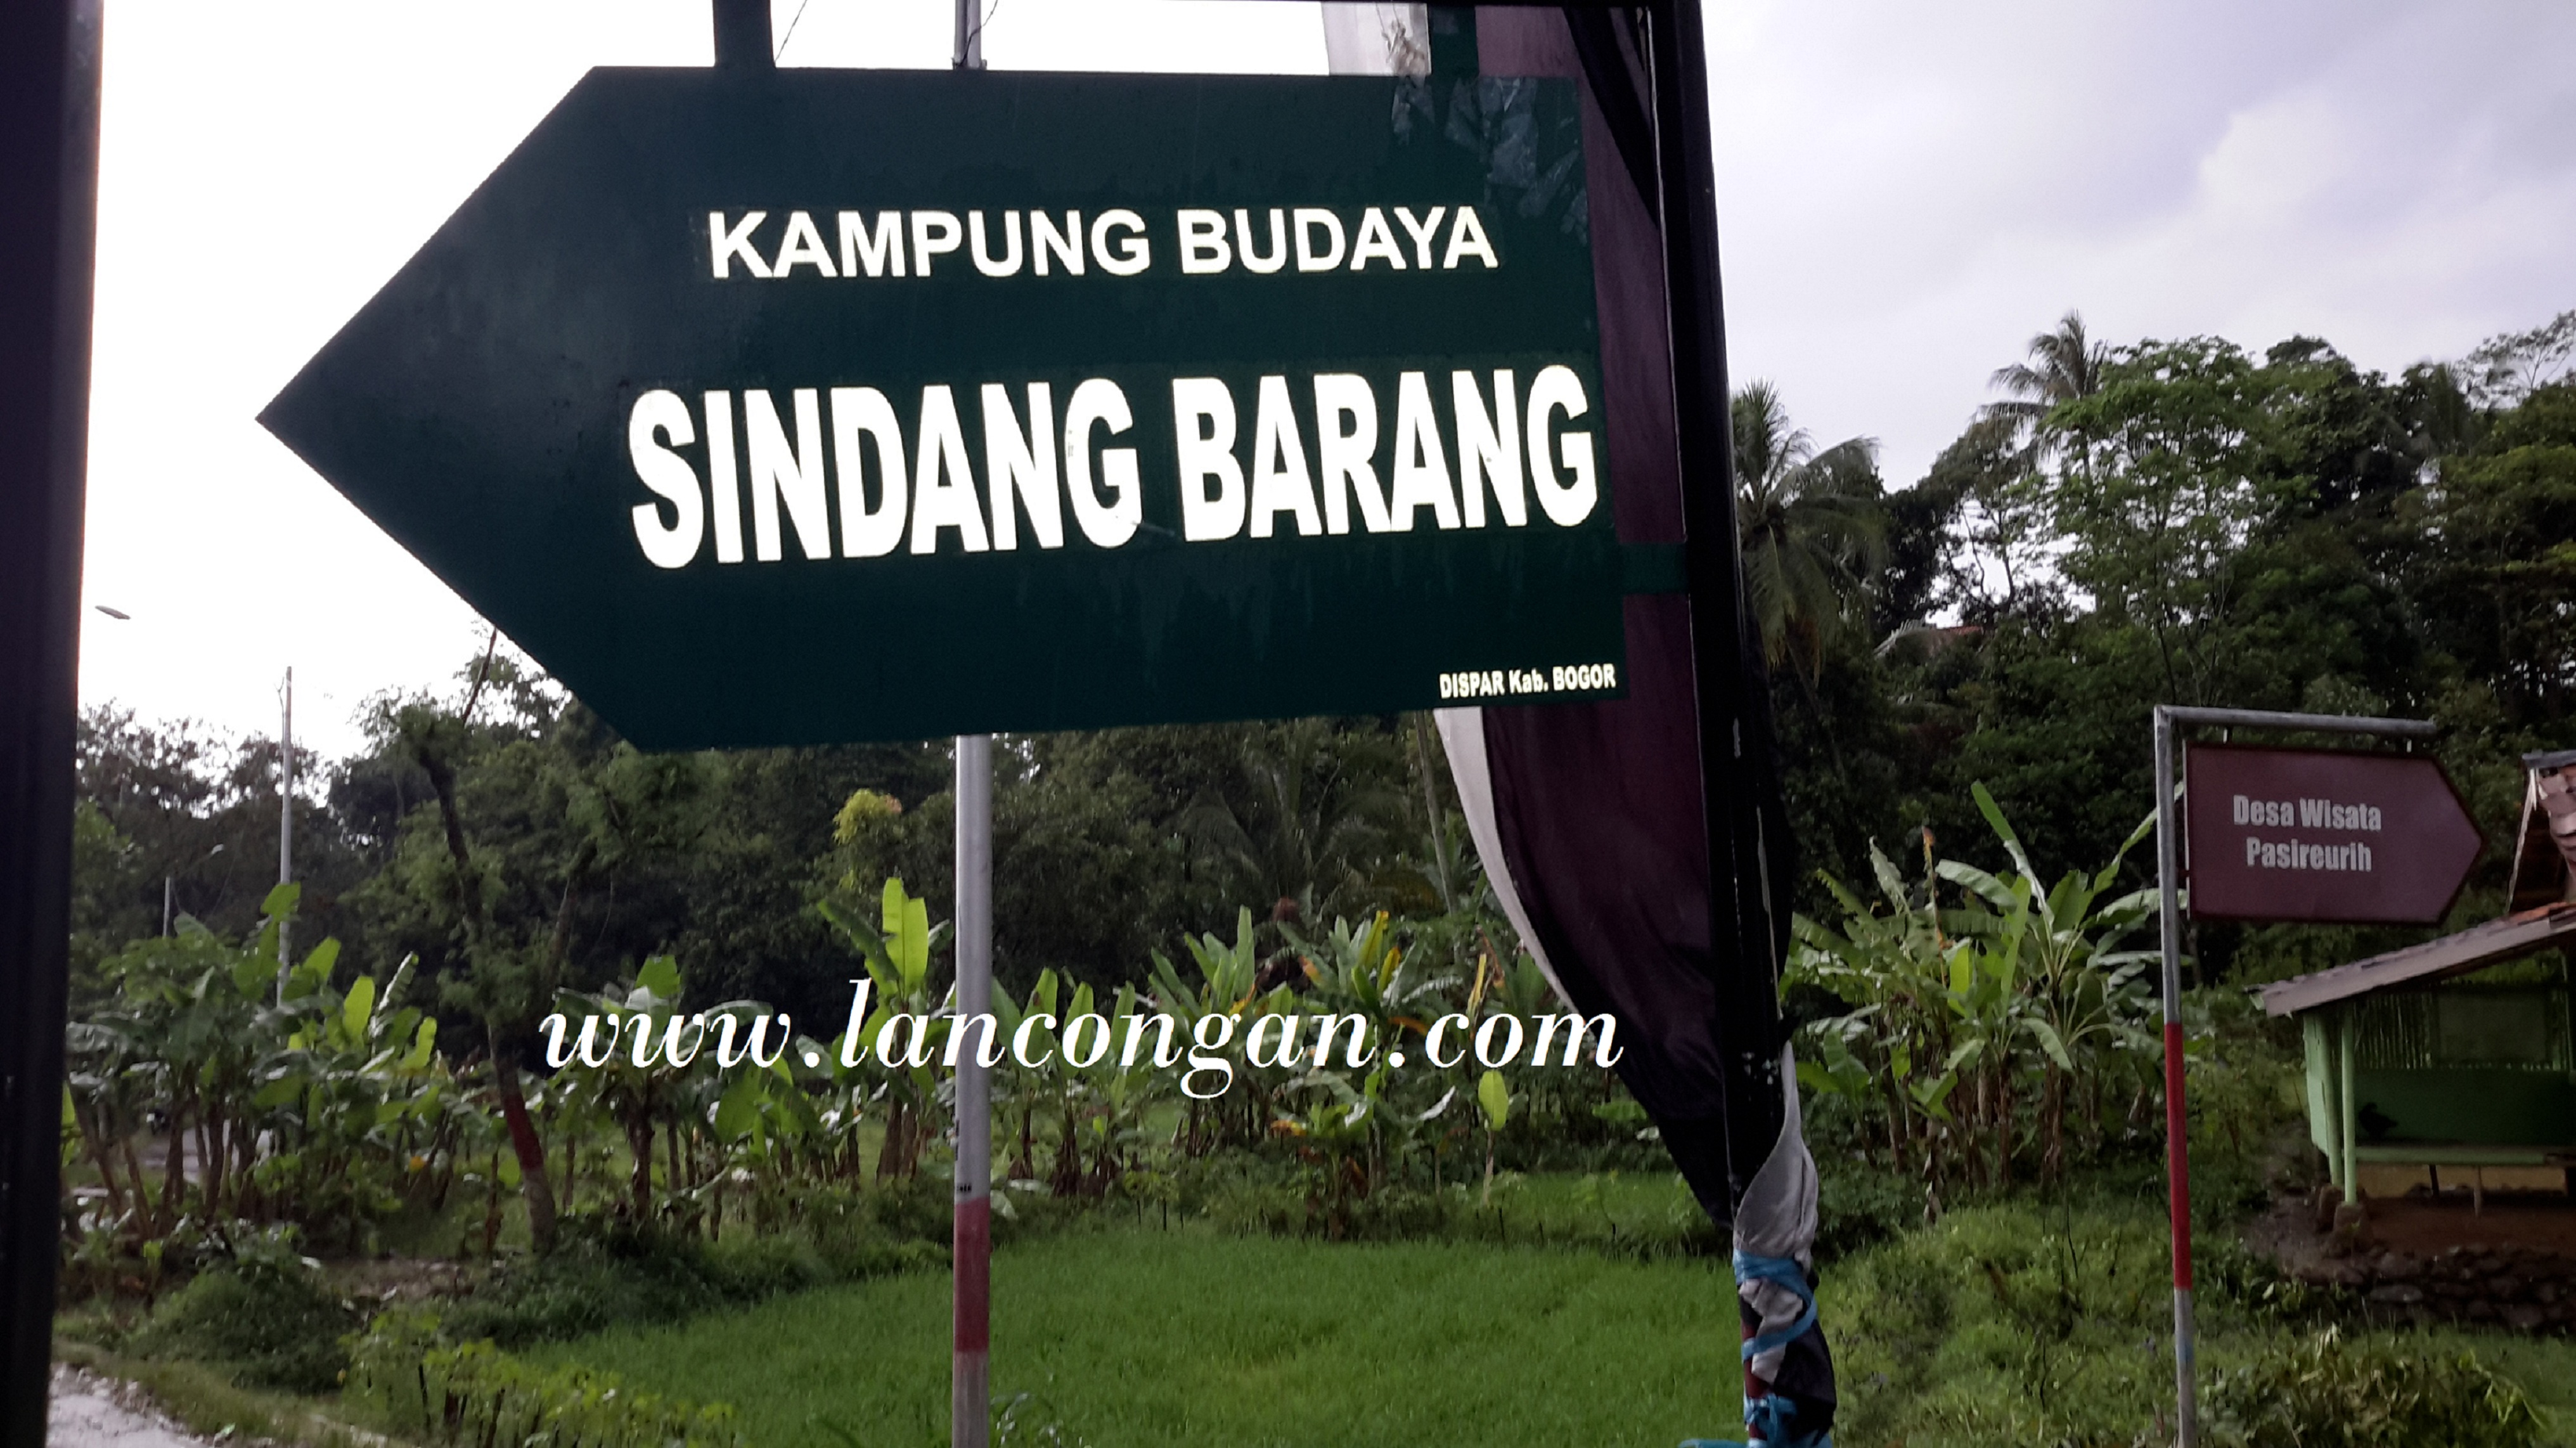 Wisata Kampung Budaya Sindang Barang Bogor Lancongan Travel Planner Lokasi